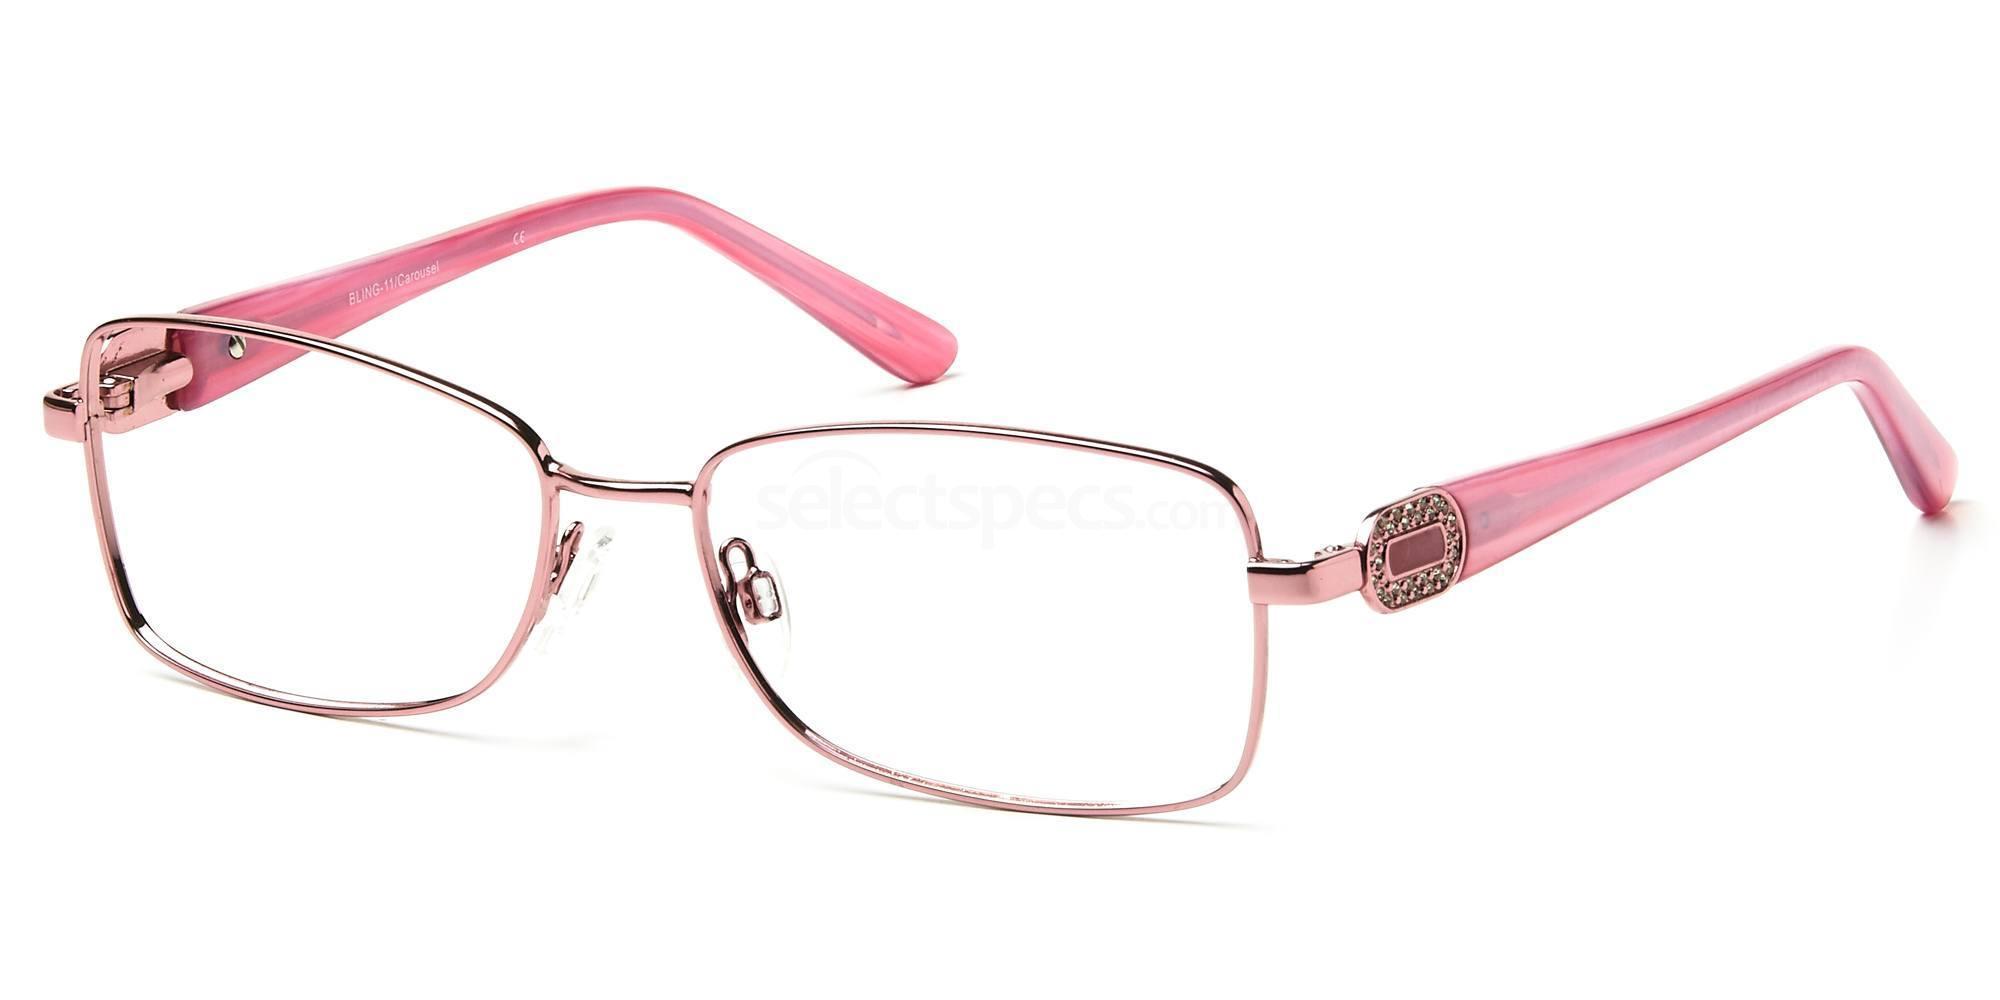 C1 BLING11 Glasses, Bling